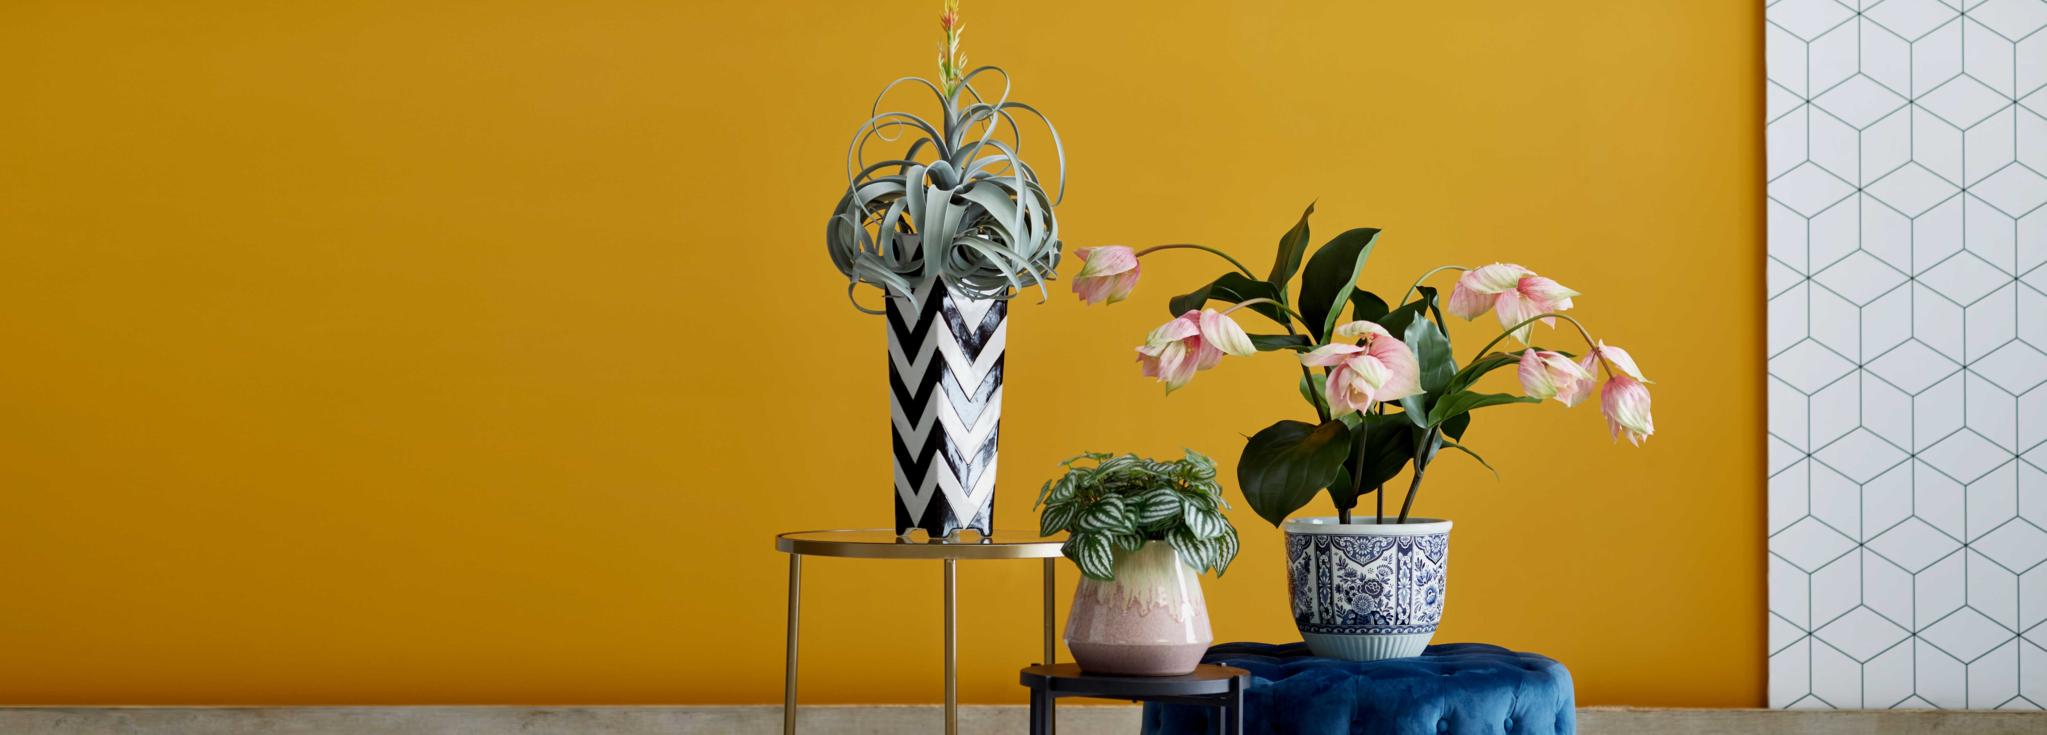 Worauf sollten Sie beim Kauf von Kunstblumen achten?